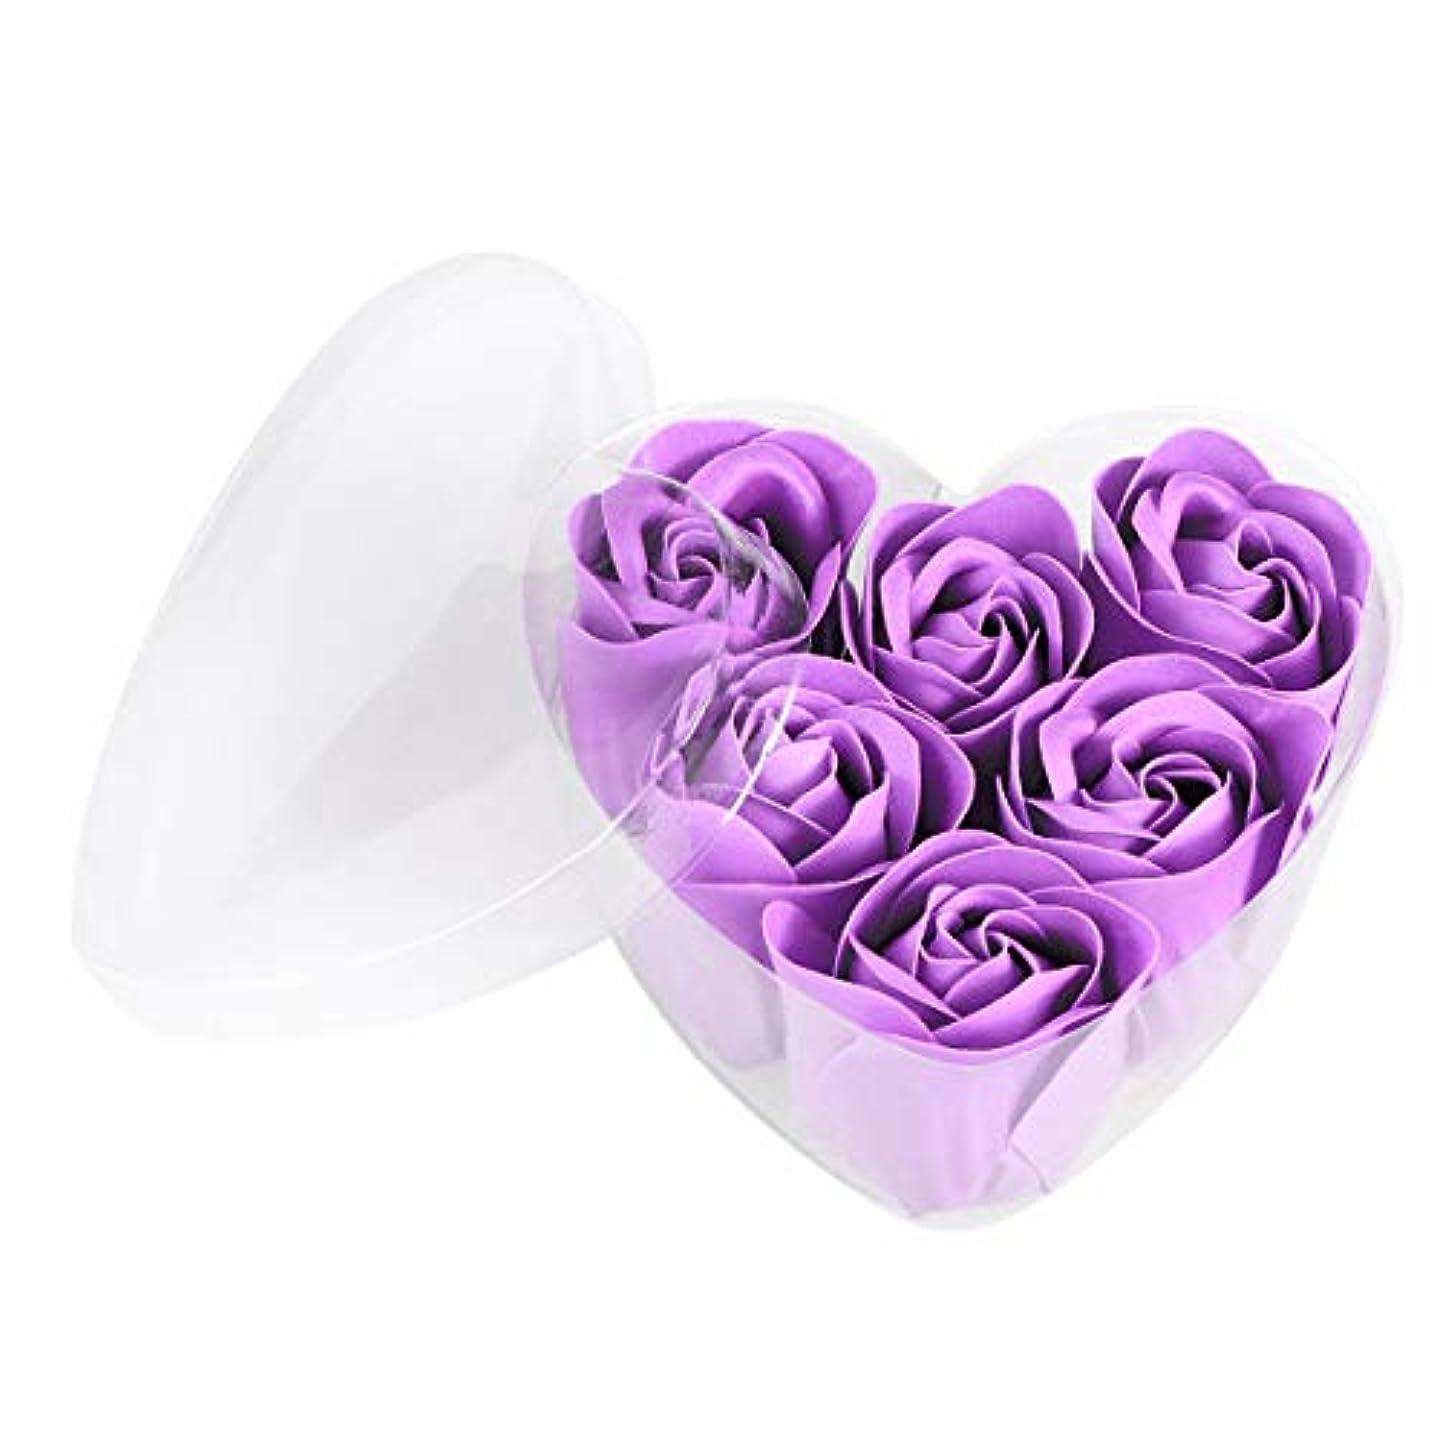 大人ふくろう属するBeaupretty 6本シミュレーションローズソープハート型フラワーソープギフトボックス結婚式の誕生日Valentin's Day(紫)